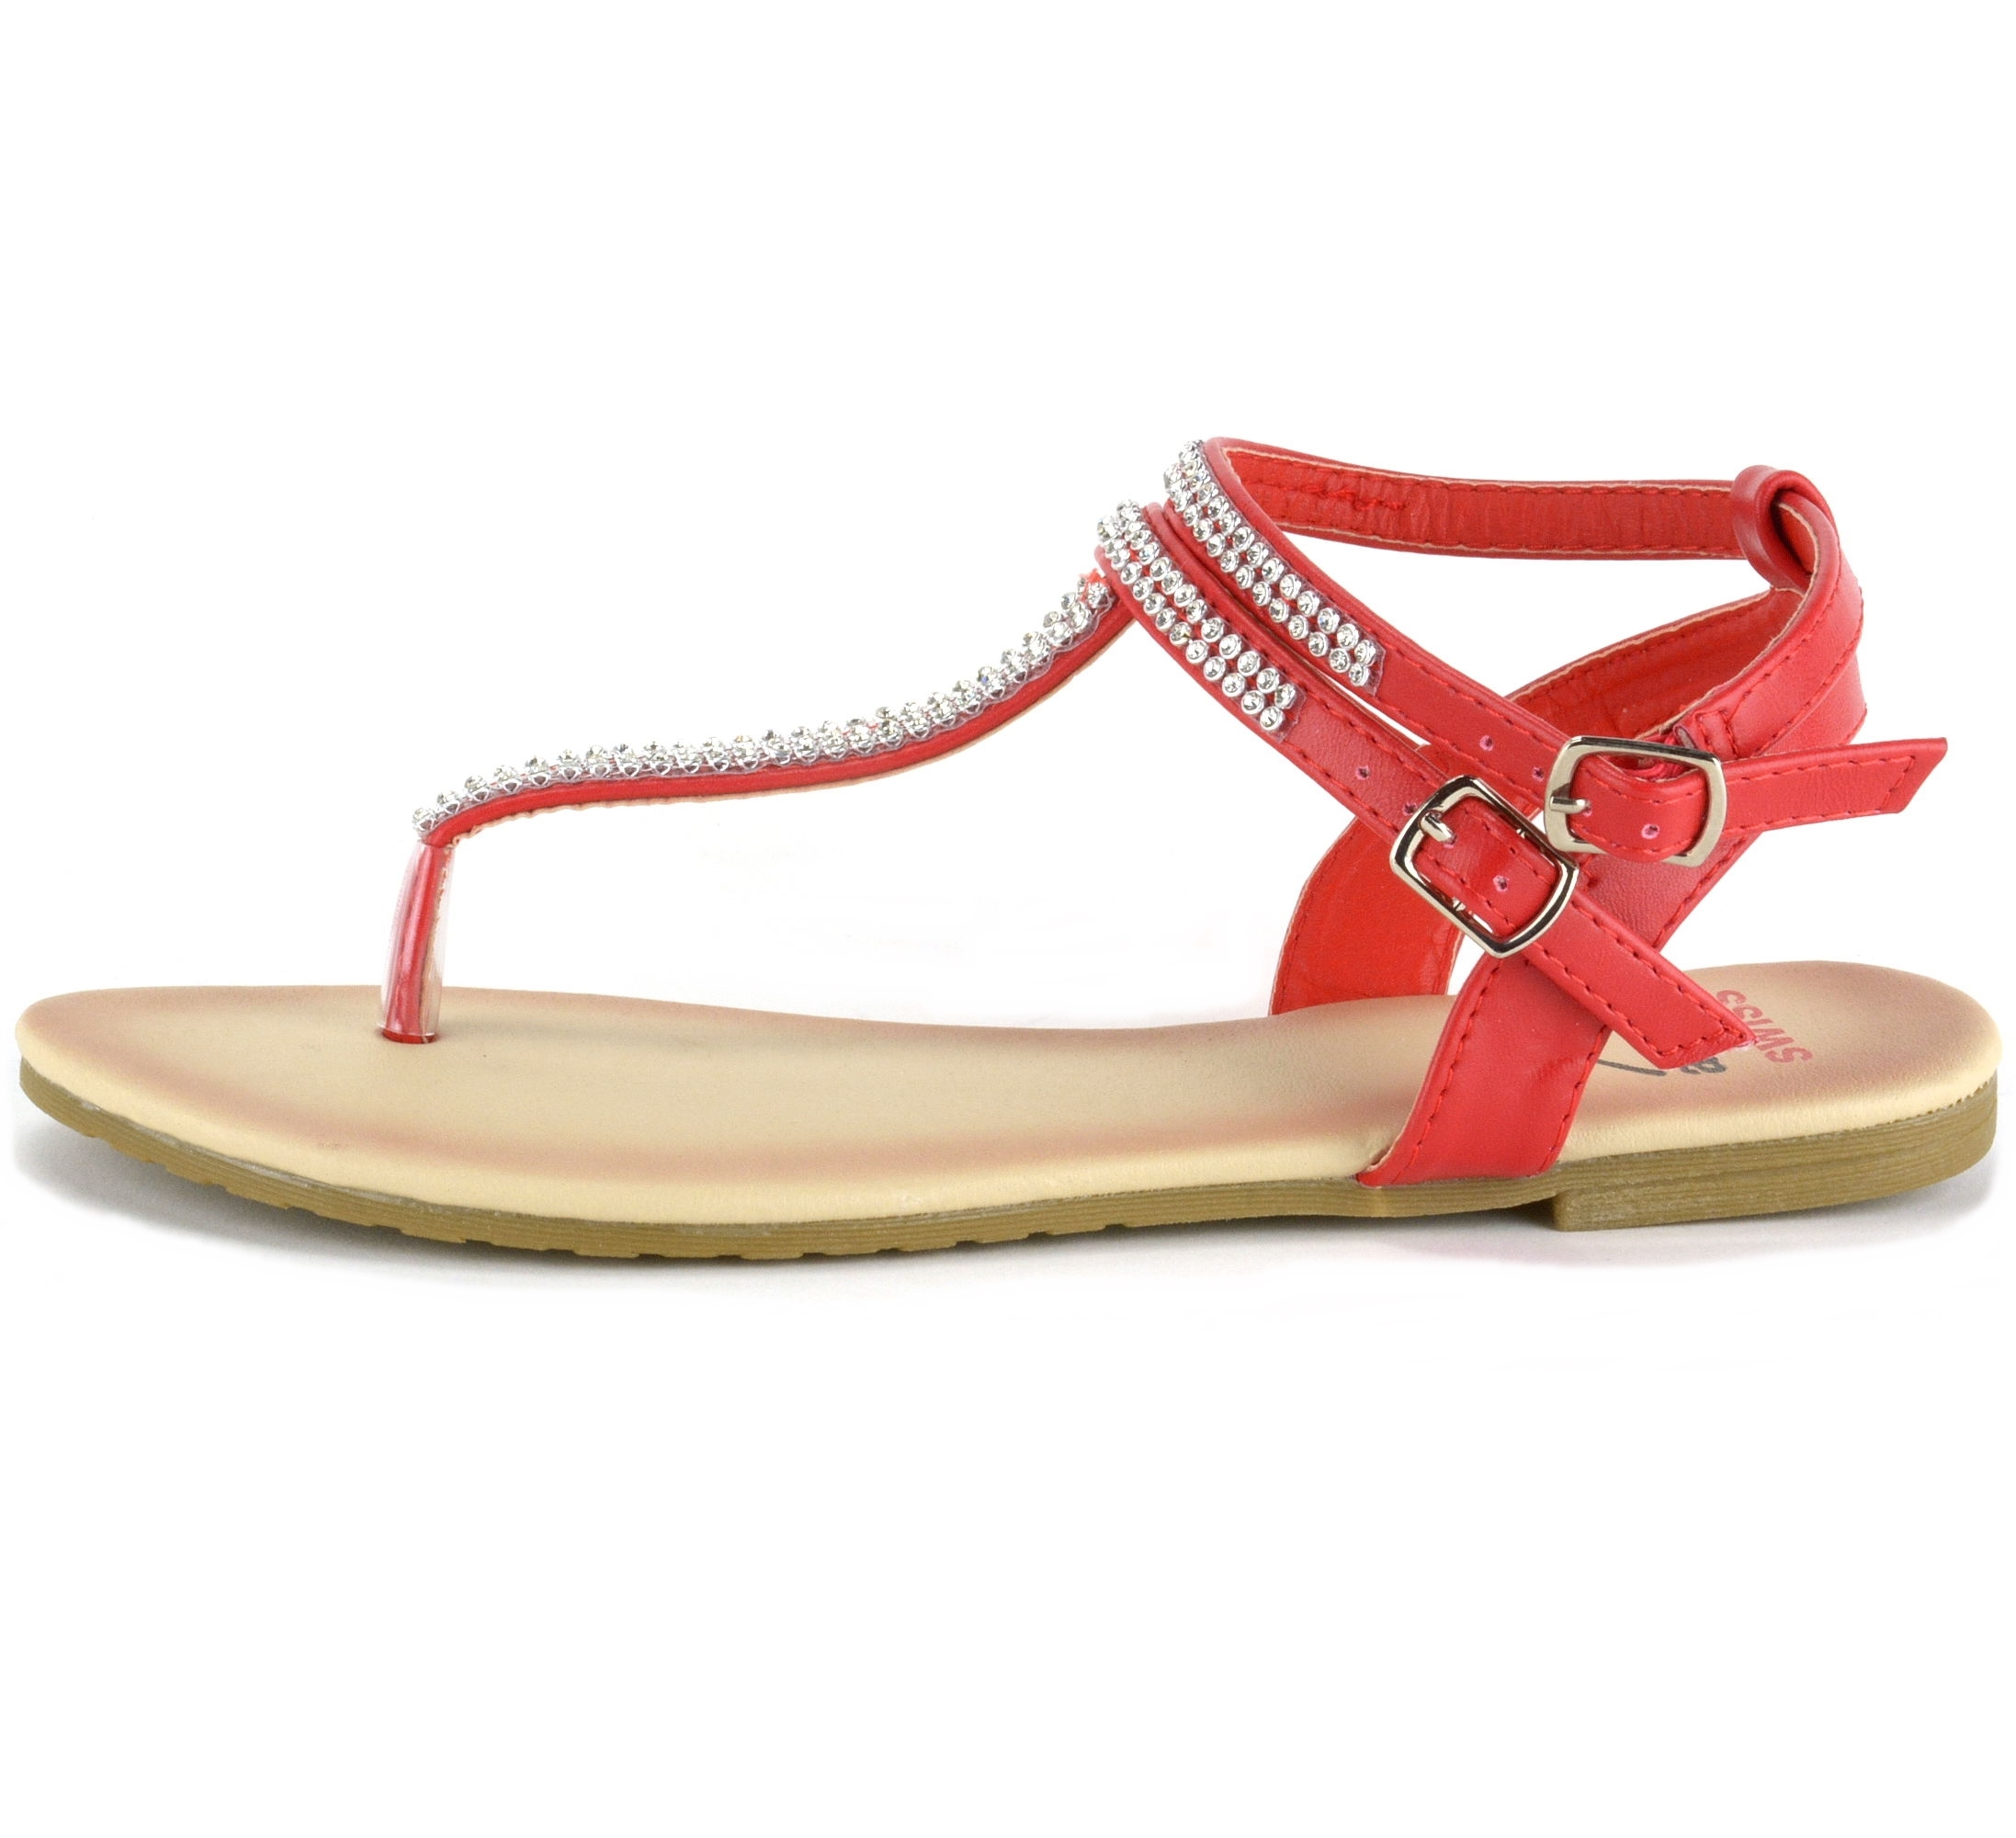 1fb8219e2a4dfd Alpine Swiss Womens Gladiator Sandals T-Strap Slingback Roman ...